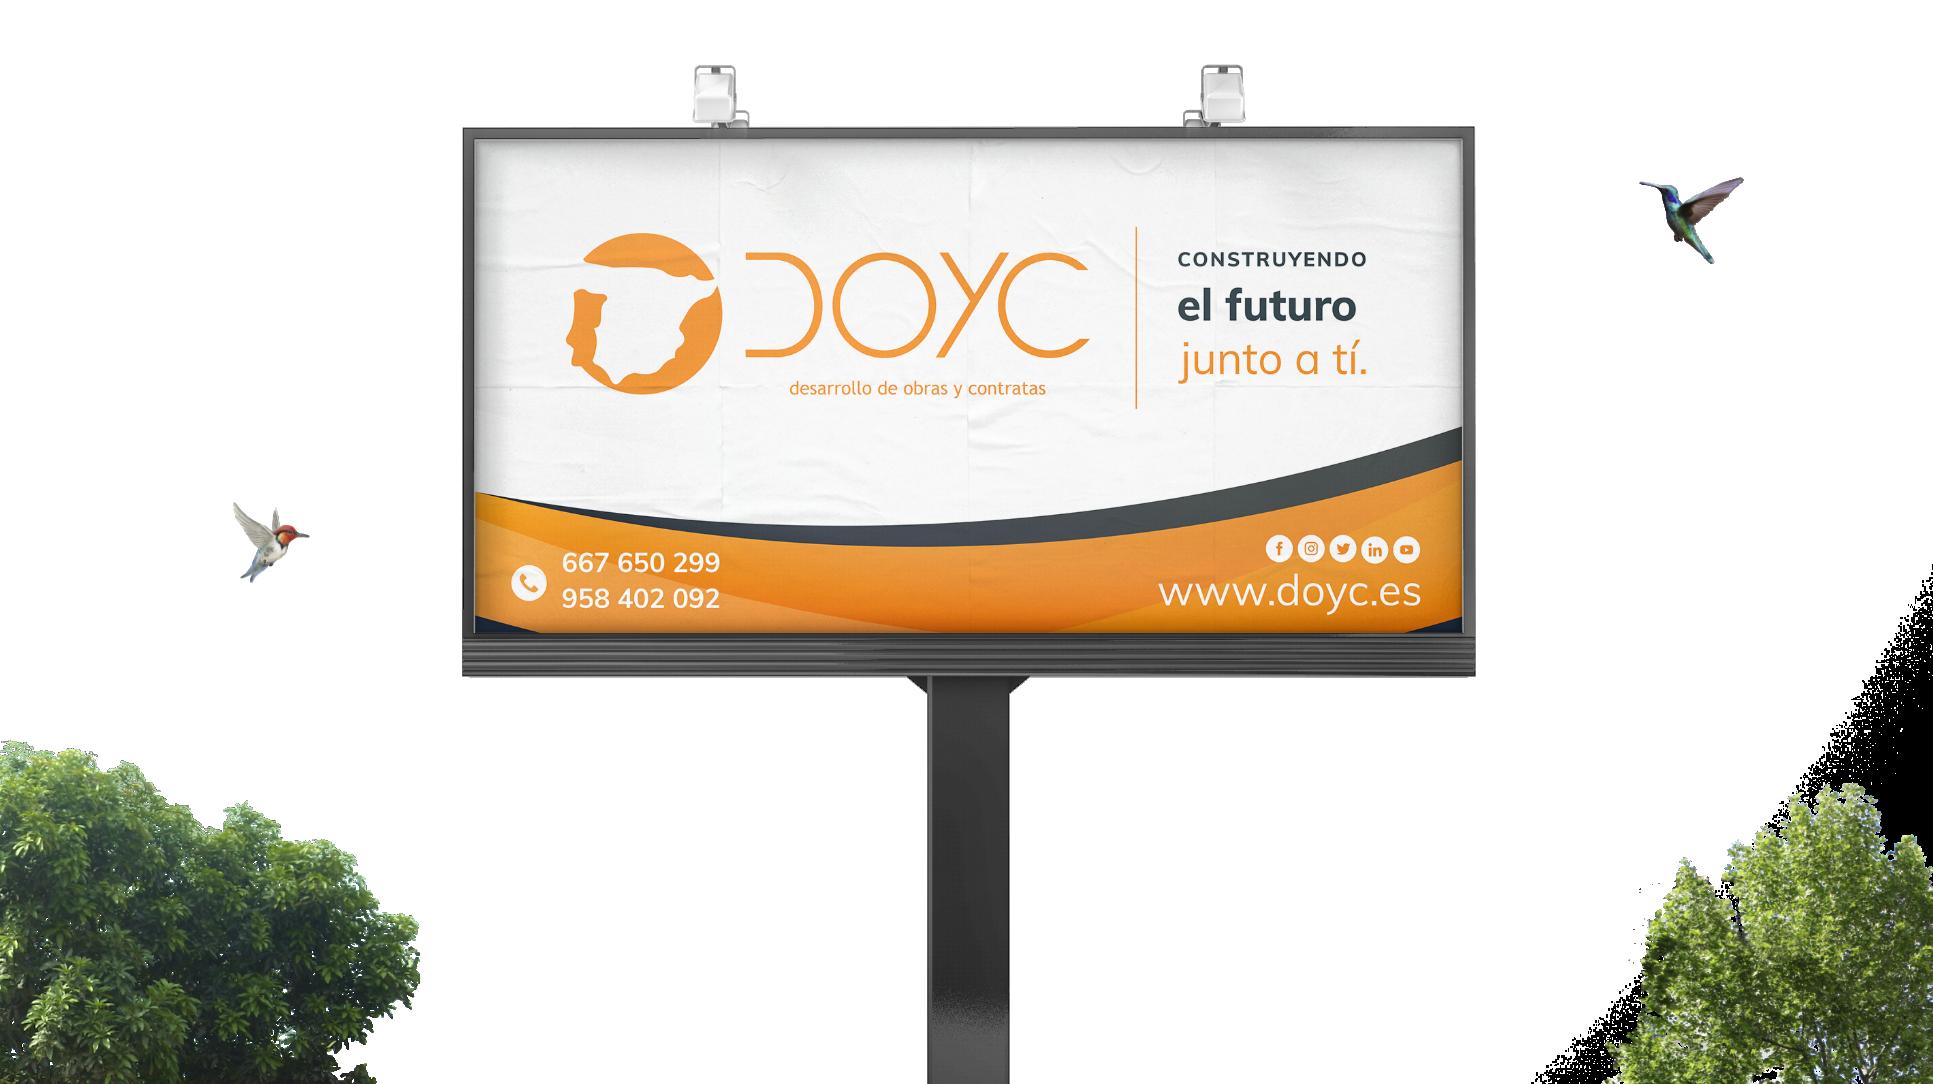 doyc-publicidad